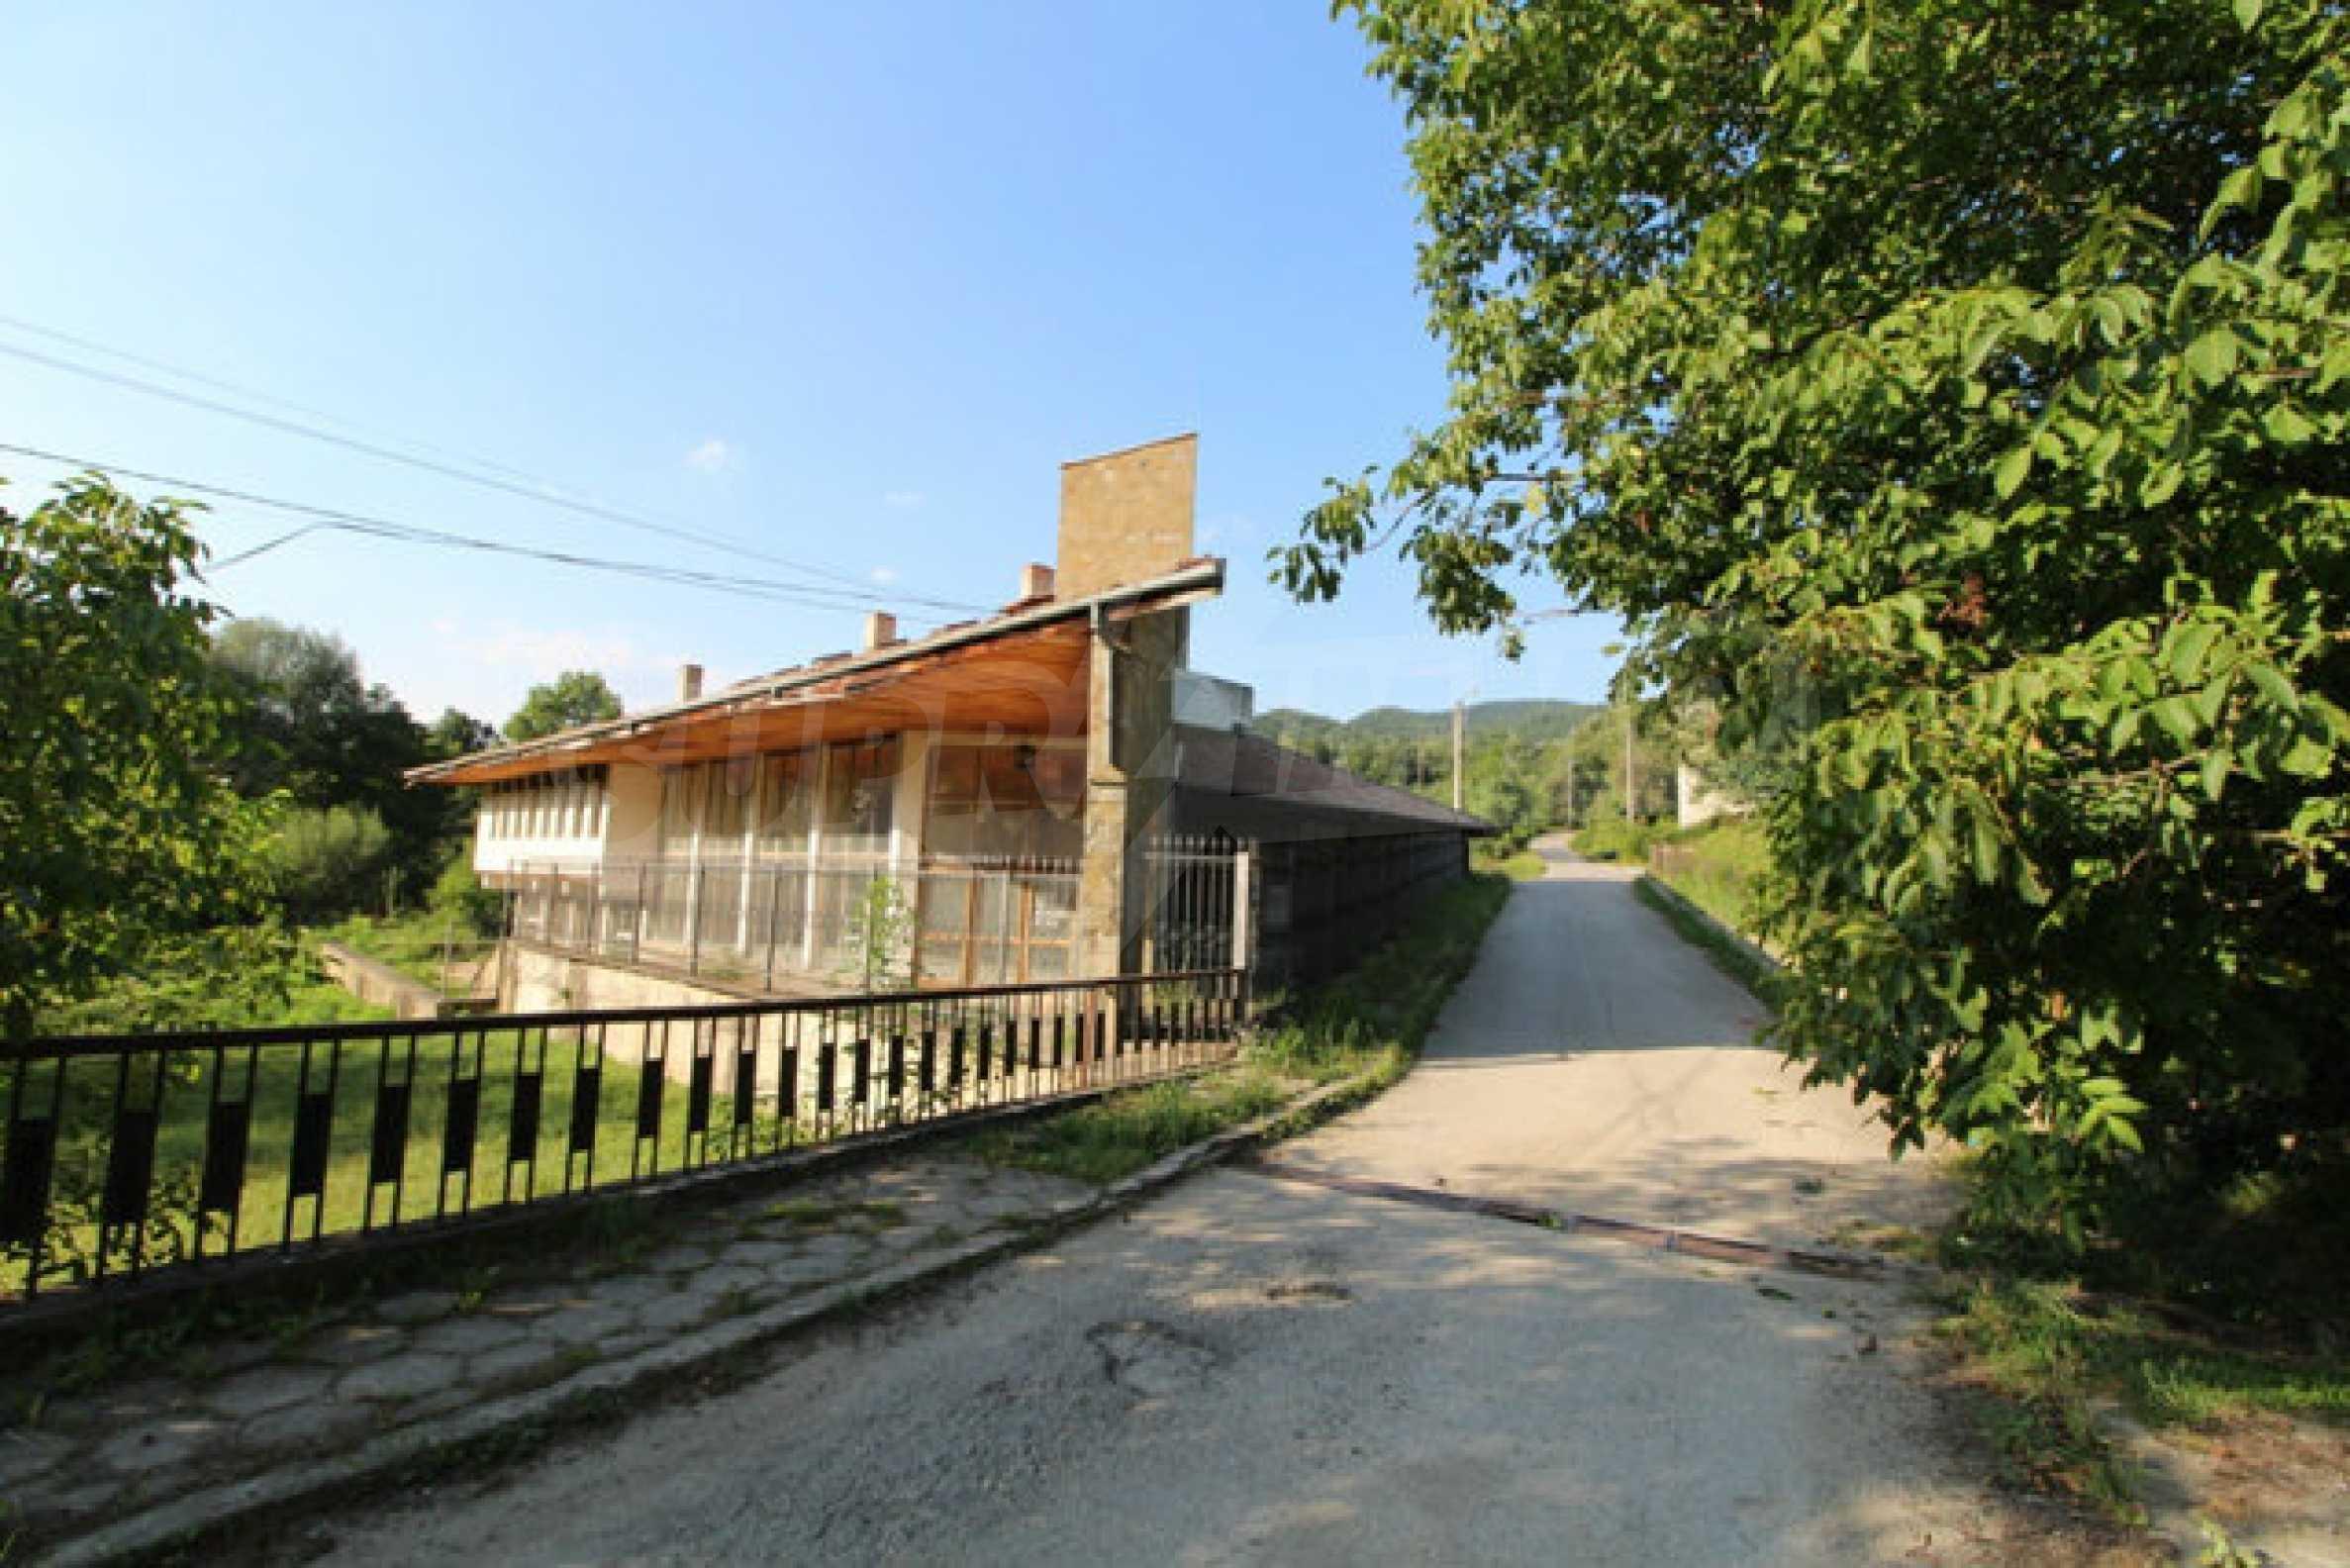 Хотел за продажба близо до гр. Велико Търново 2